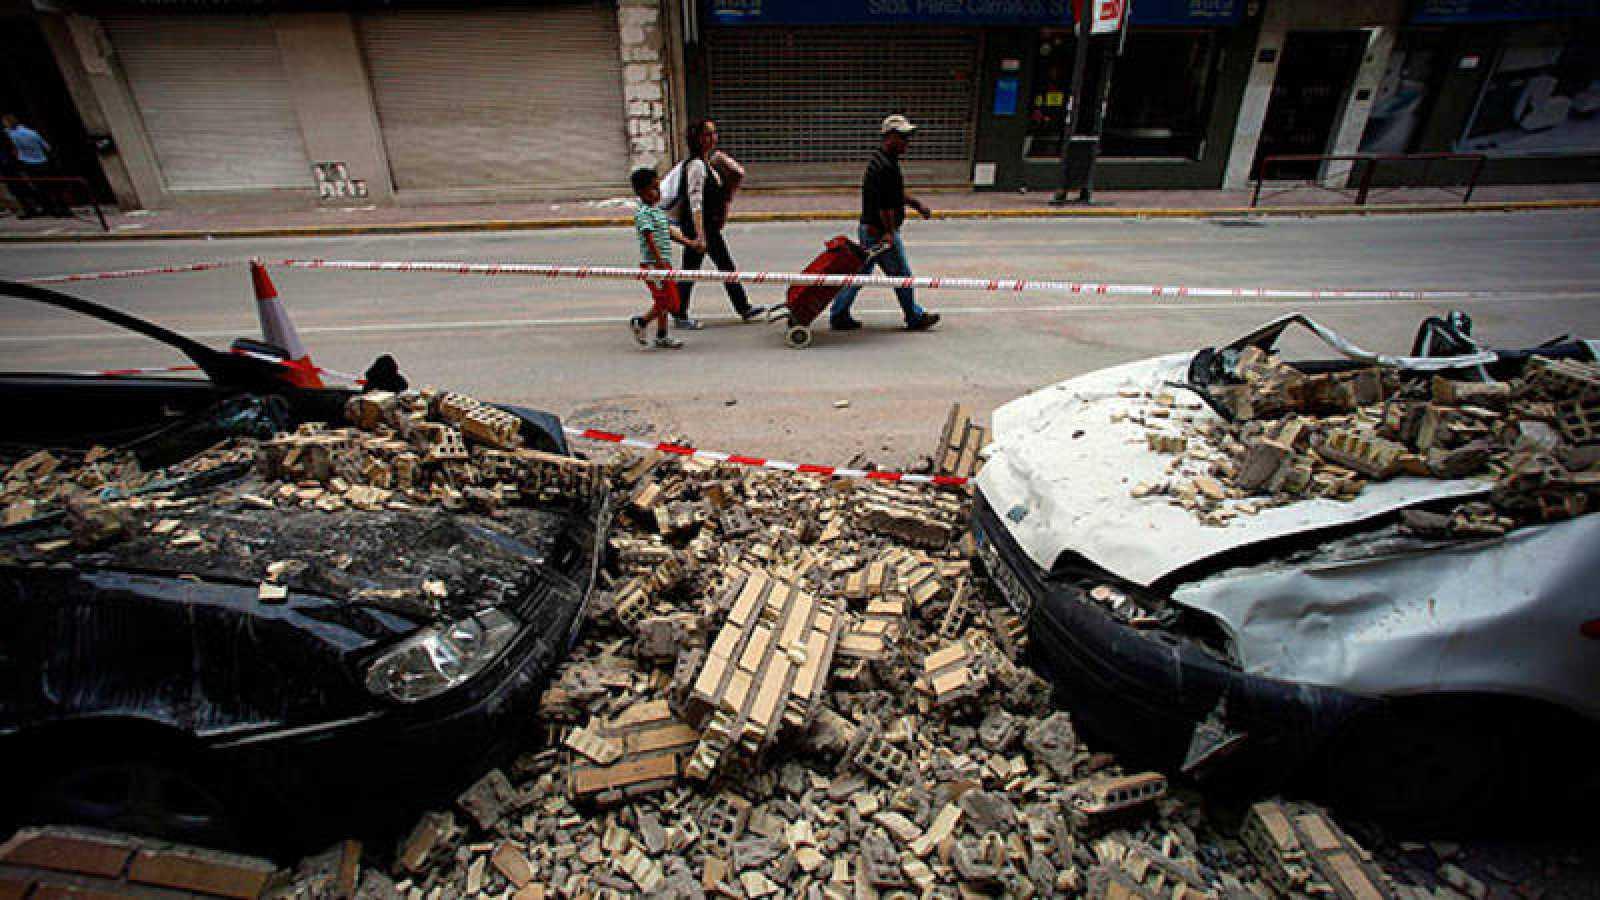 Diez años del terremoto de Lorca, uno de los mayores seísmos desde 1956 en España